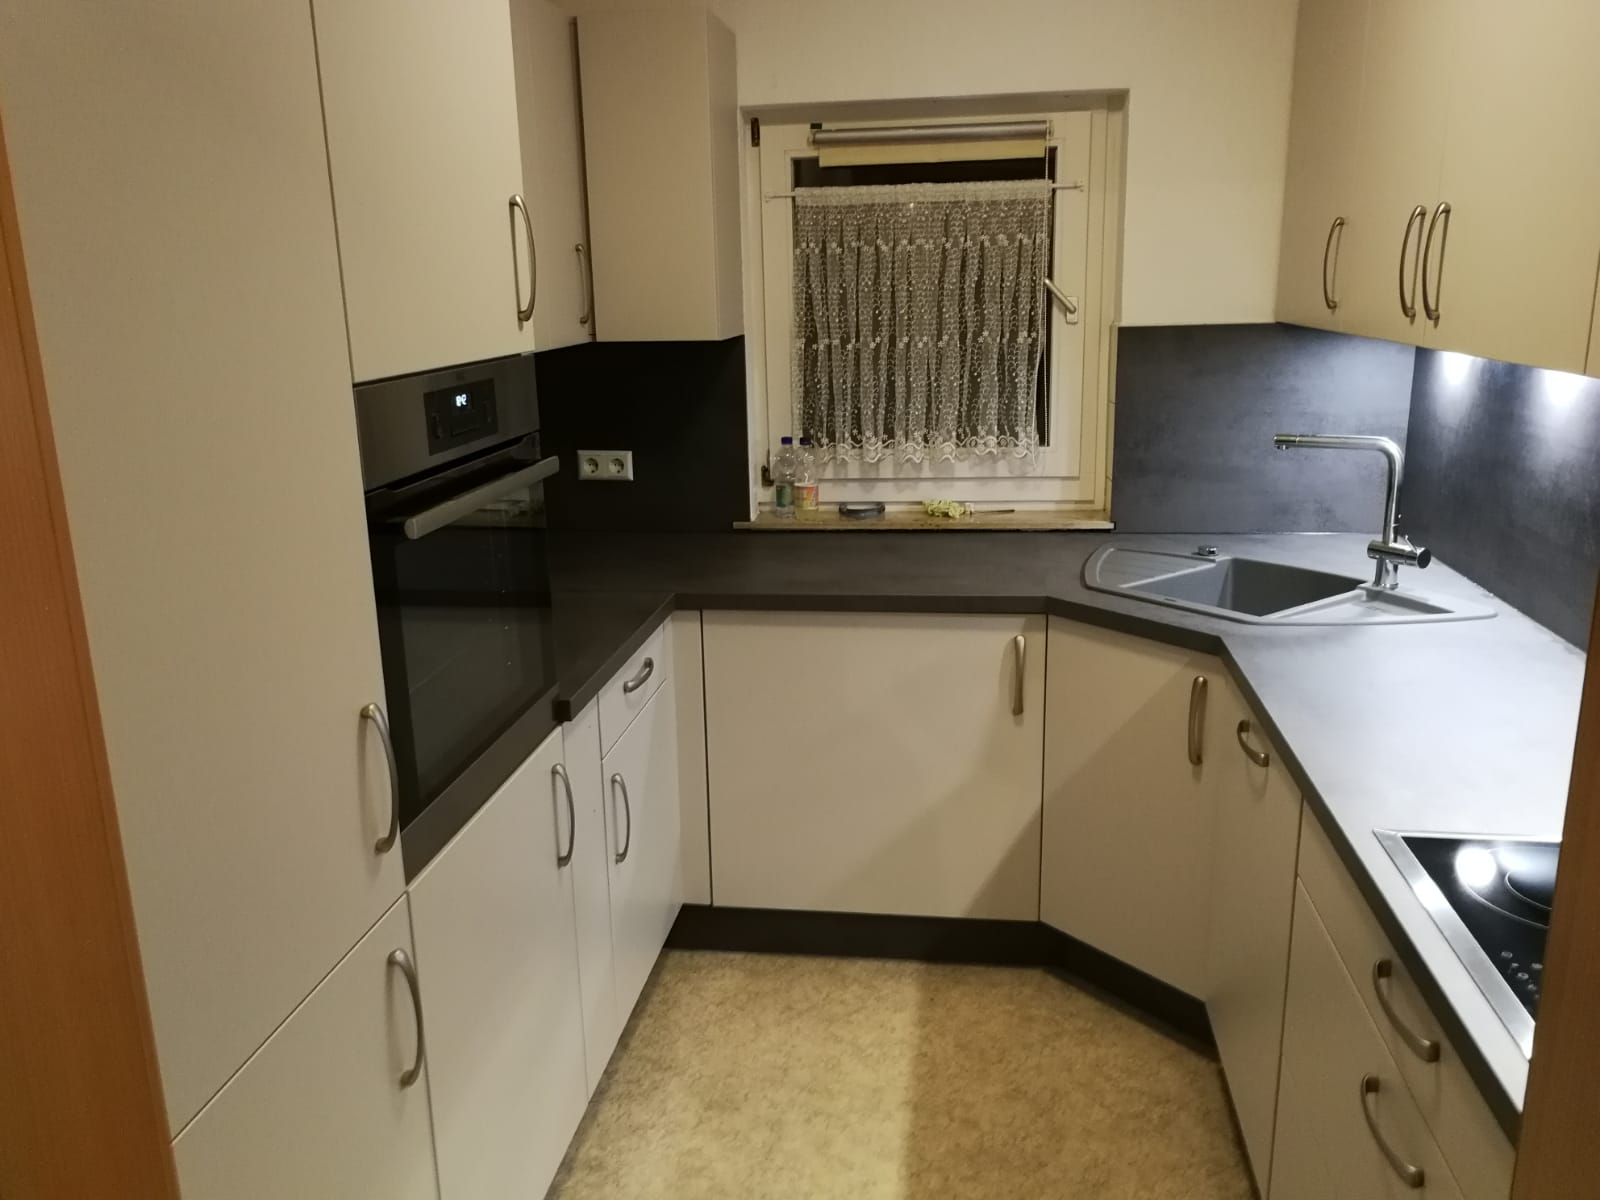 Full Size of Kleine Einbauküche Günstig Kleine Einbauküche Preis Kleine Einbauküche Poco Kleine Einbauküche Kosten Küche Kleine Einbauküche